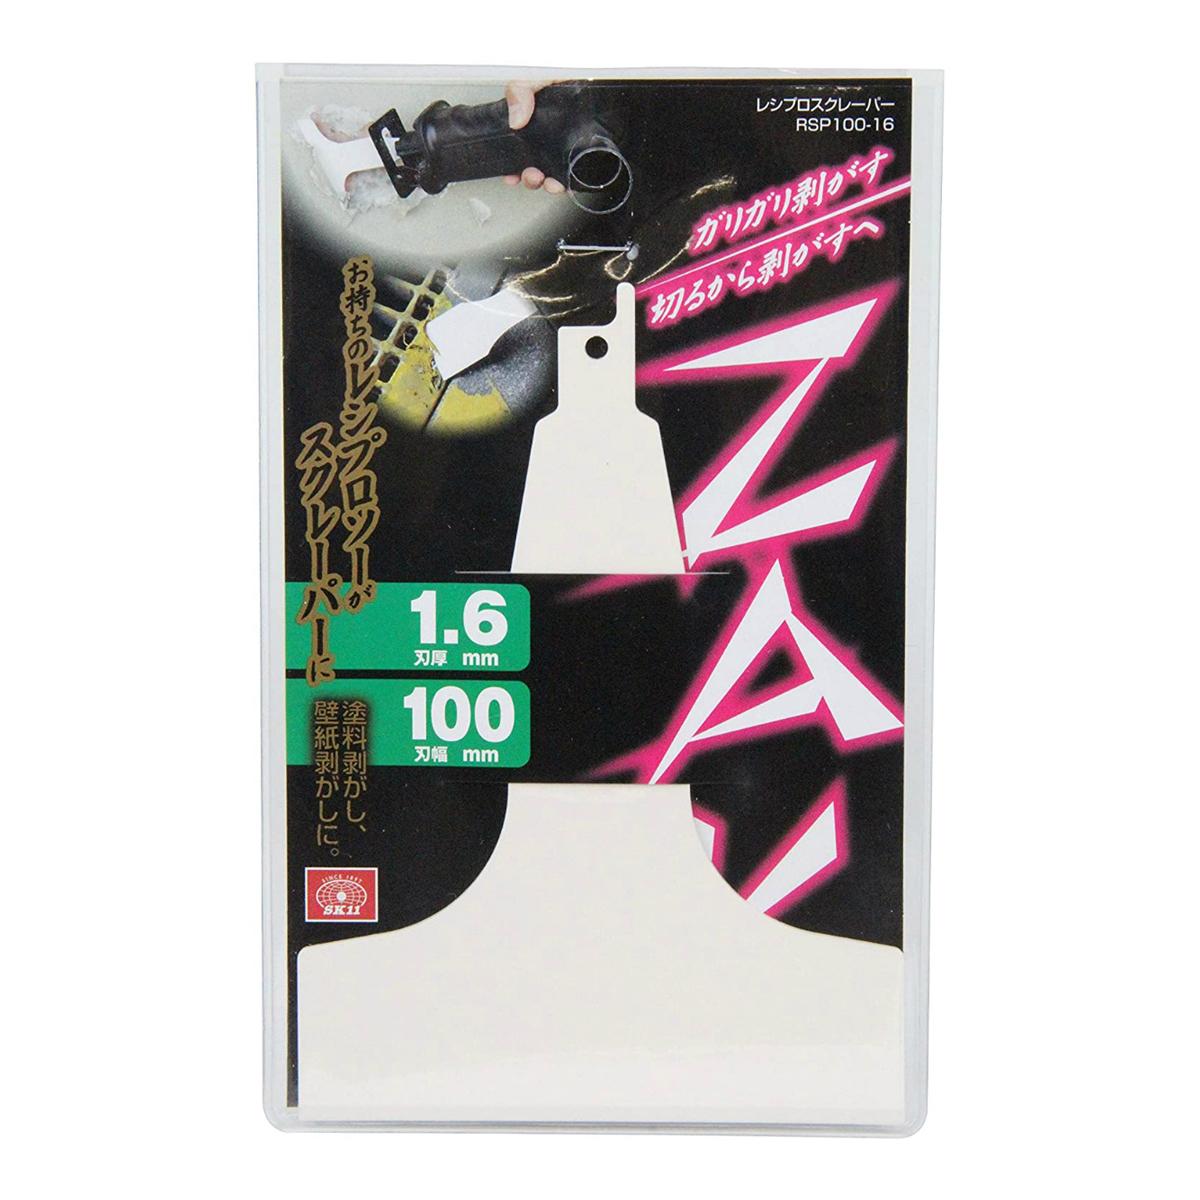 爆売り レシプロソーのパワーで楽にはがし作業ができます 4977292304887 藤原産業 SK11 ZAK 1.6×100mm レシプロ RSP100-16 スクレーパ広厚 ラッピング無料